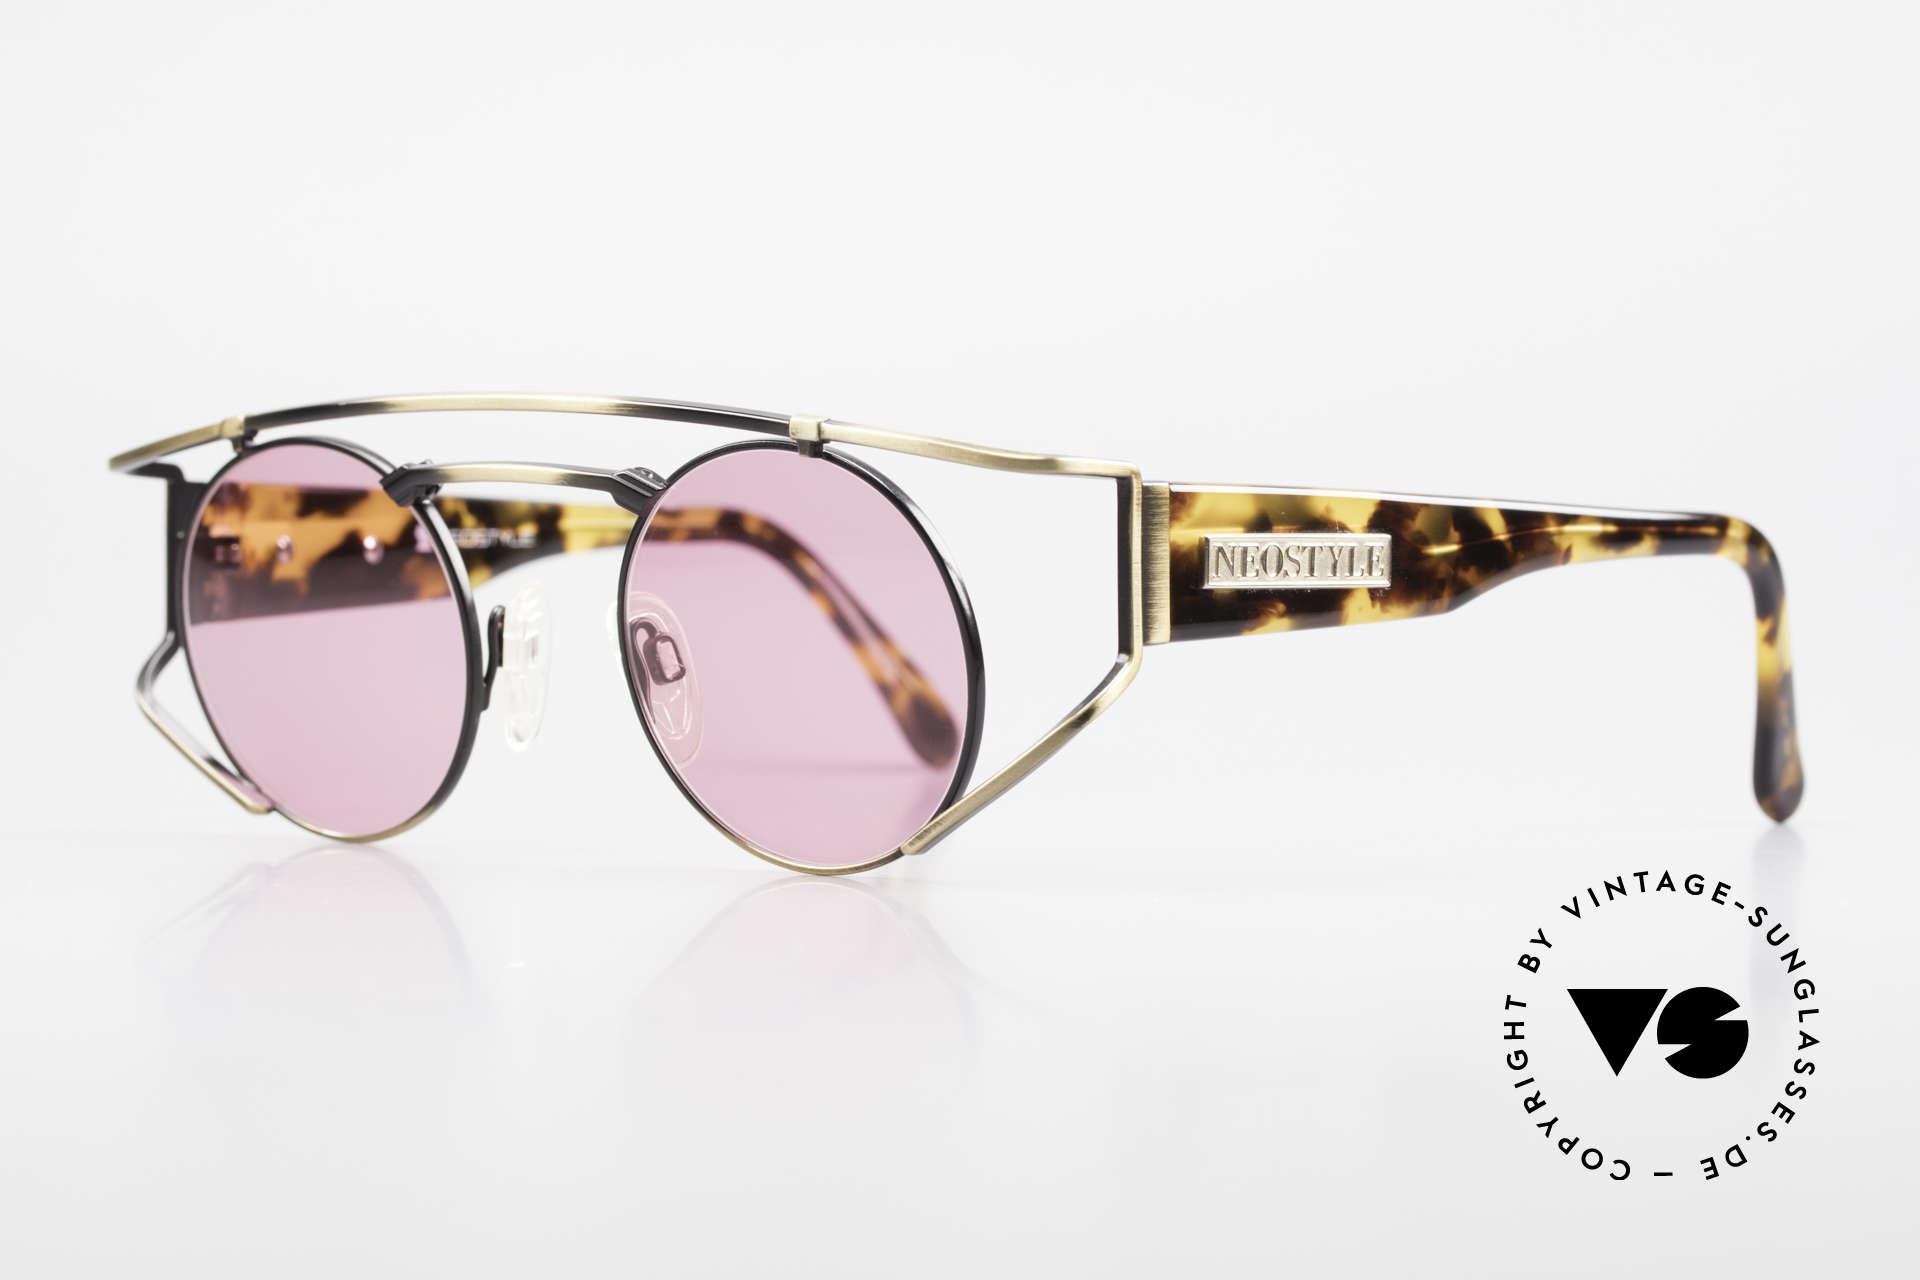 Neostyle Superstar 1 Steampunk Sonnenbrille Pink, gelb-bräunlicher Farbton in einer Art 'camouflage', Passend für Herren und Damen